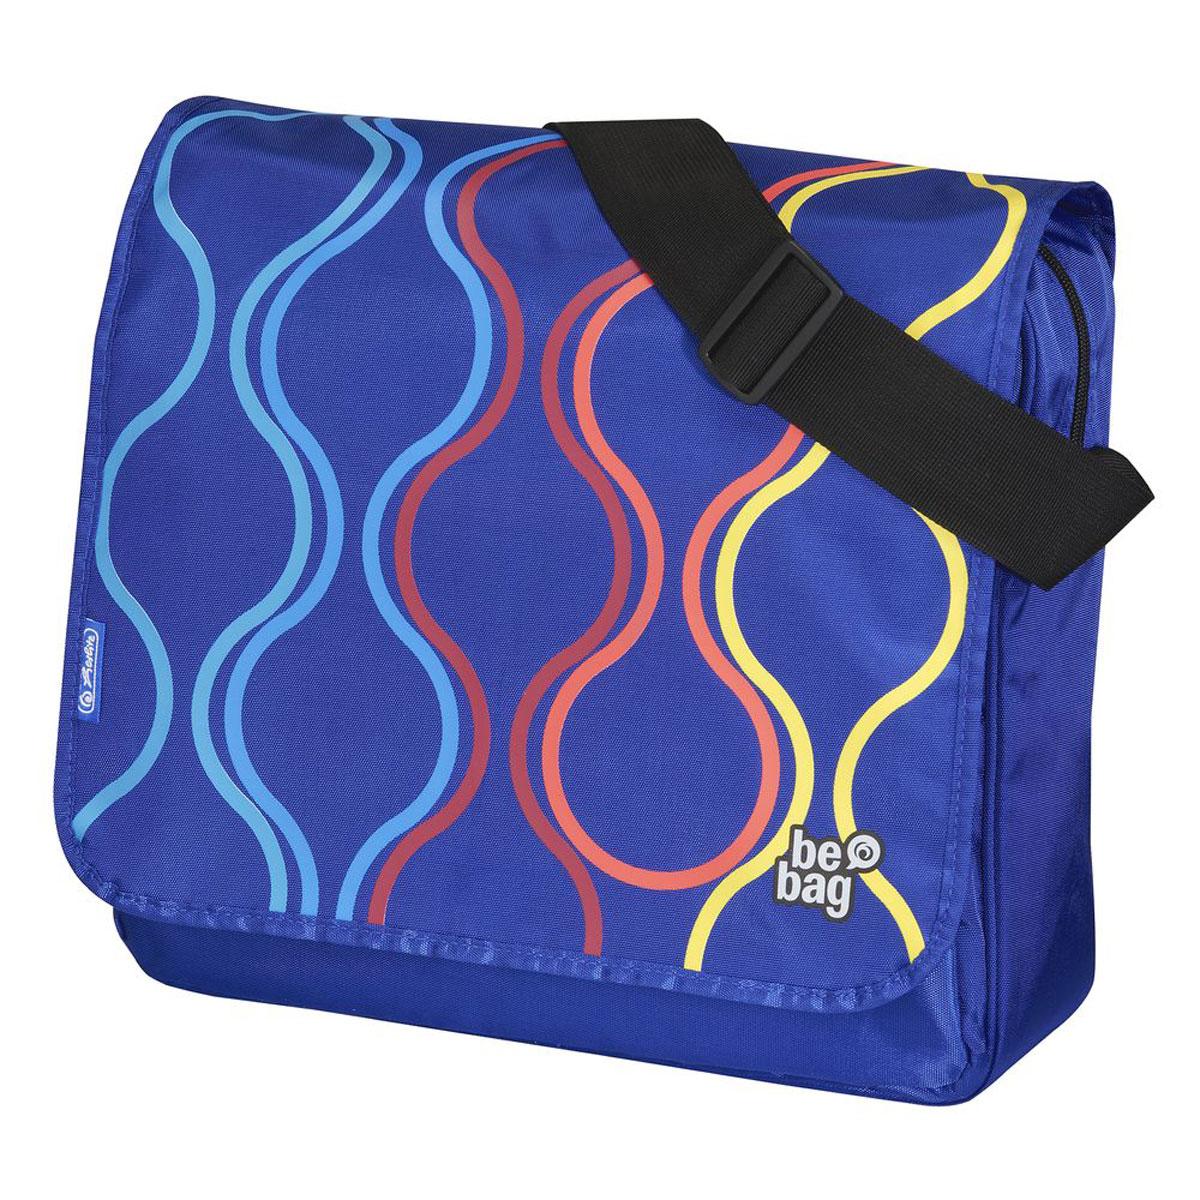 Herlitz Сумка школьная Be Bag Bubbles11359577Прочная и вместительная школьная сумка Herlitz Be Bag. Bubbles смотрится элегантно в любой ситуации. Сумка имеет одно отделение на молнии, которое закрывается сверху откидывающимся клапаном. Клапан на кнопках, съемный. Внутри отделения находятся два открытых сетчатых кармана и потайной карман на молнии. Спереди сумки расположен карман на молнии, содержащий мягкую перегородку, сетчатый карман, небольшой карман на молнии, кармашек с мягкой подкладкой для мобильного телефона и карабин для ключей. Широкая лямка регулируется по длине. Такую сумку можно использовать для повседневных прогулок, учебы, отдыха и спорта, а также как элемент вашего имиджа. Лаконичный и сдержанный дизайн подчеркнет индивидуальность и порадует своей функциональностью.